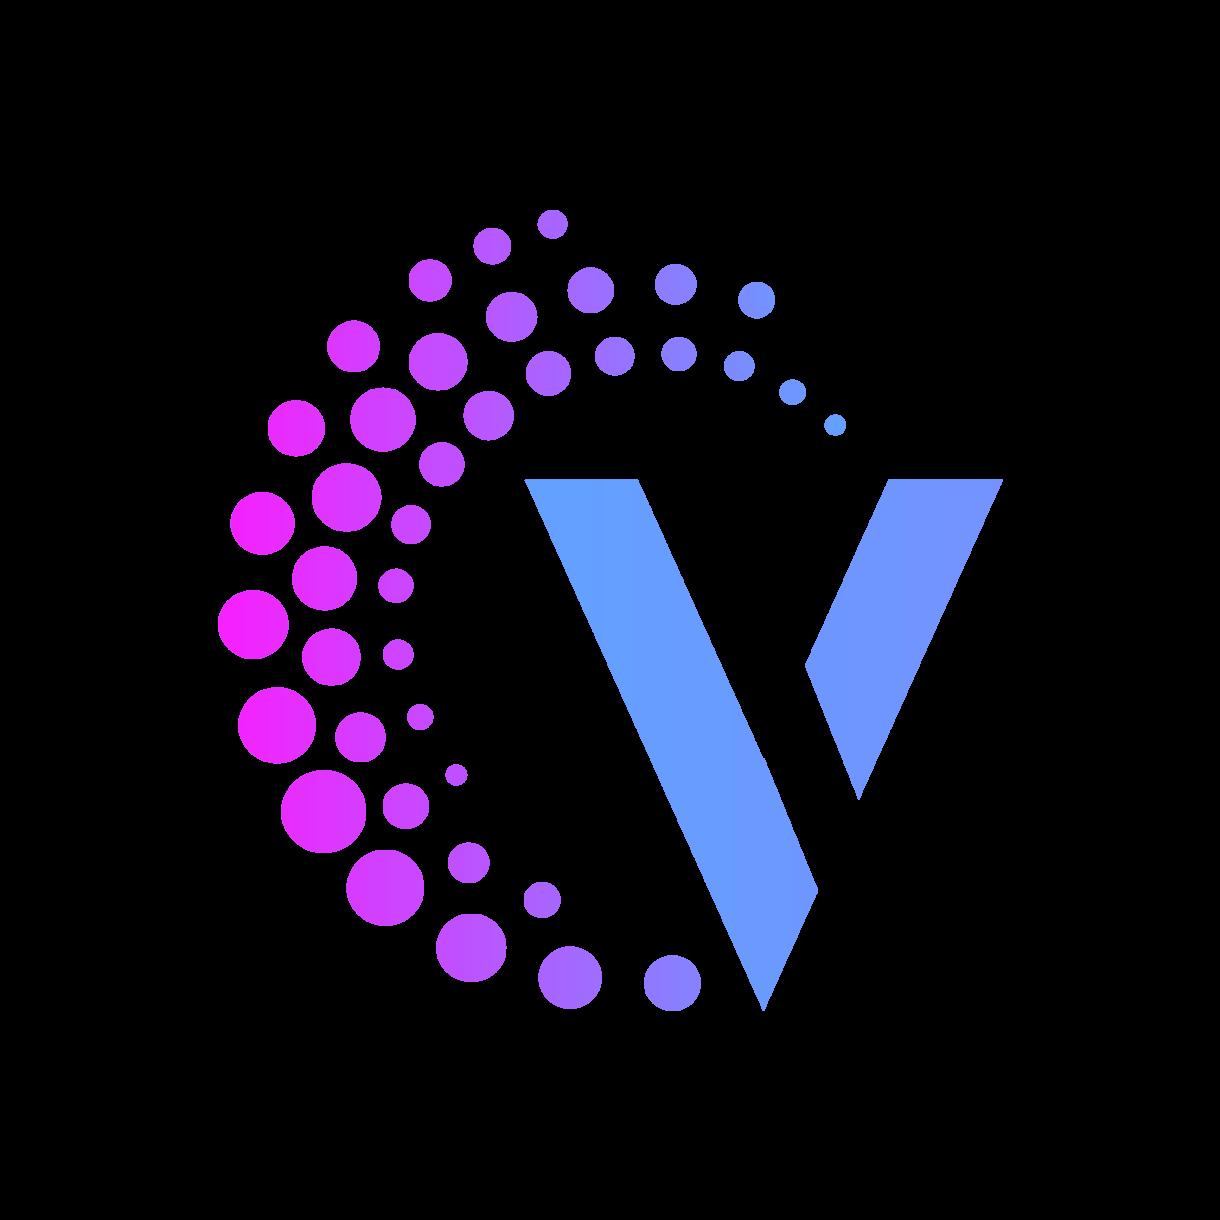 Visionostics